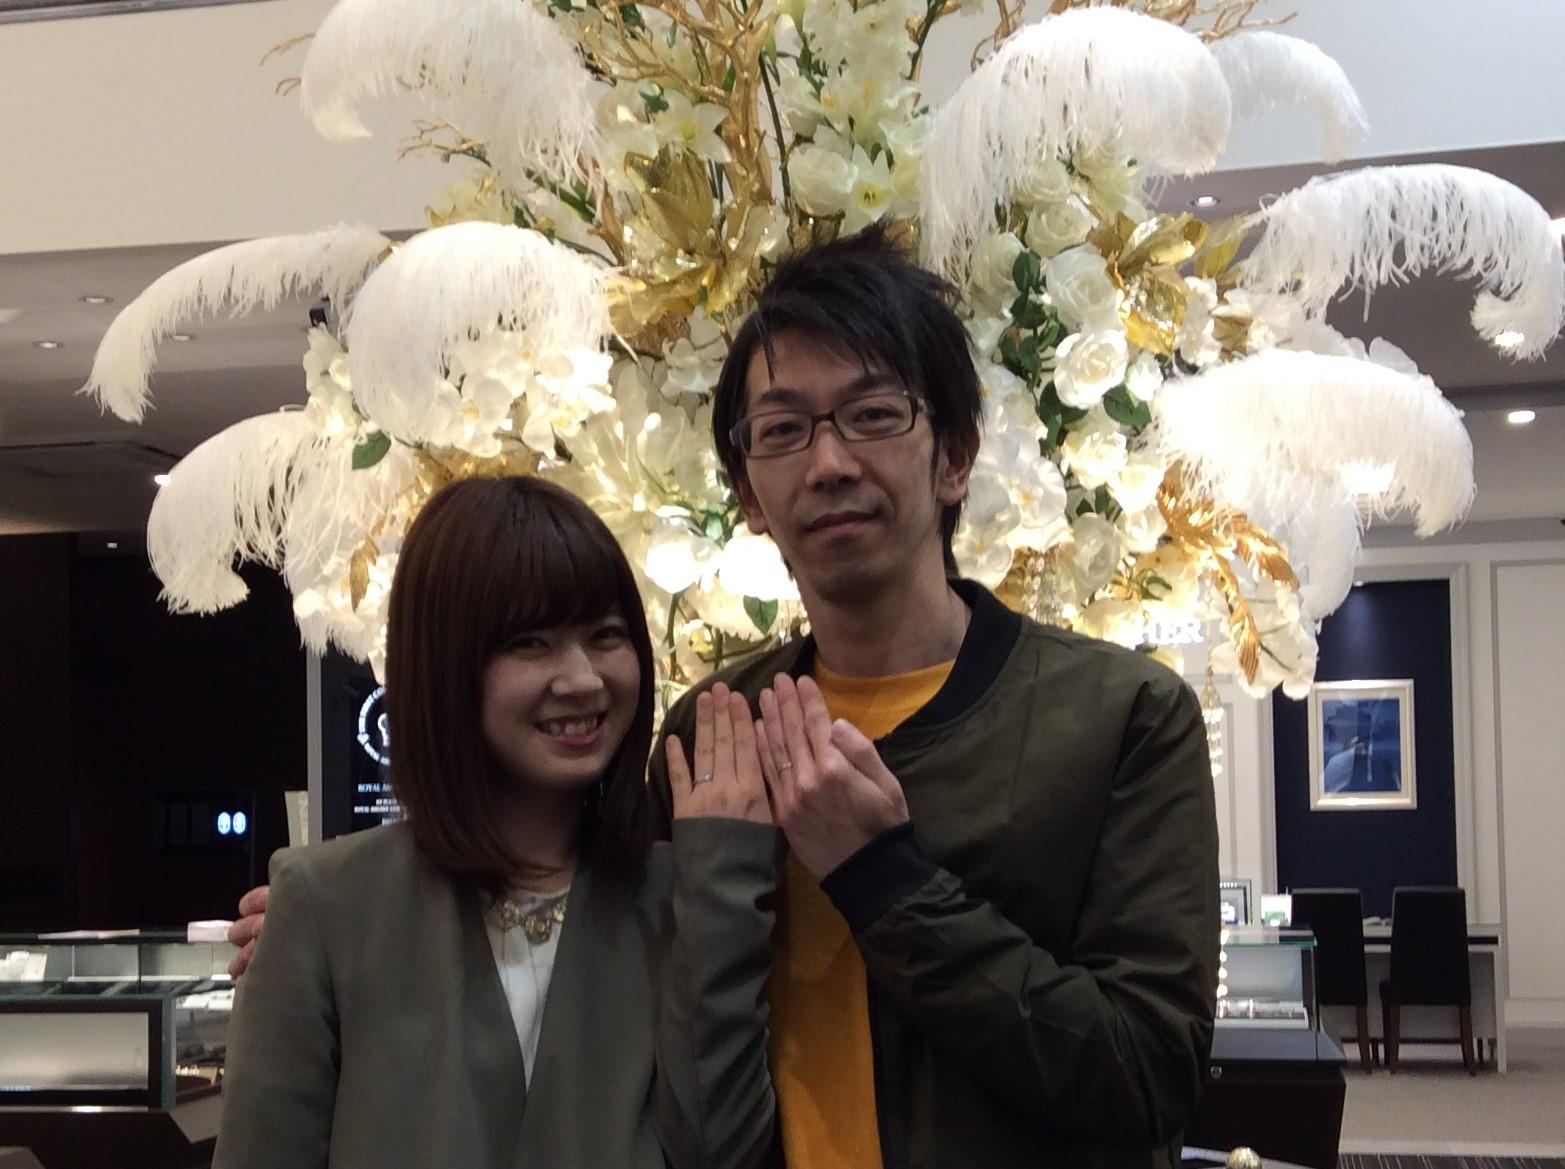 結婚指輪 ポンテヴェキオの『ベルセグレート』をご成約(新潟市/S様・H様)